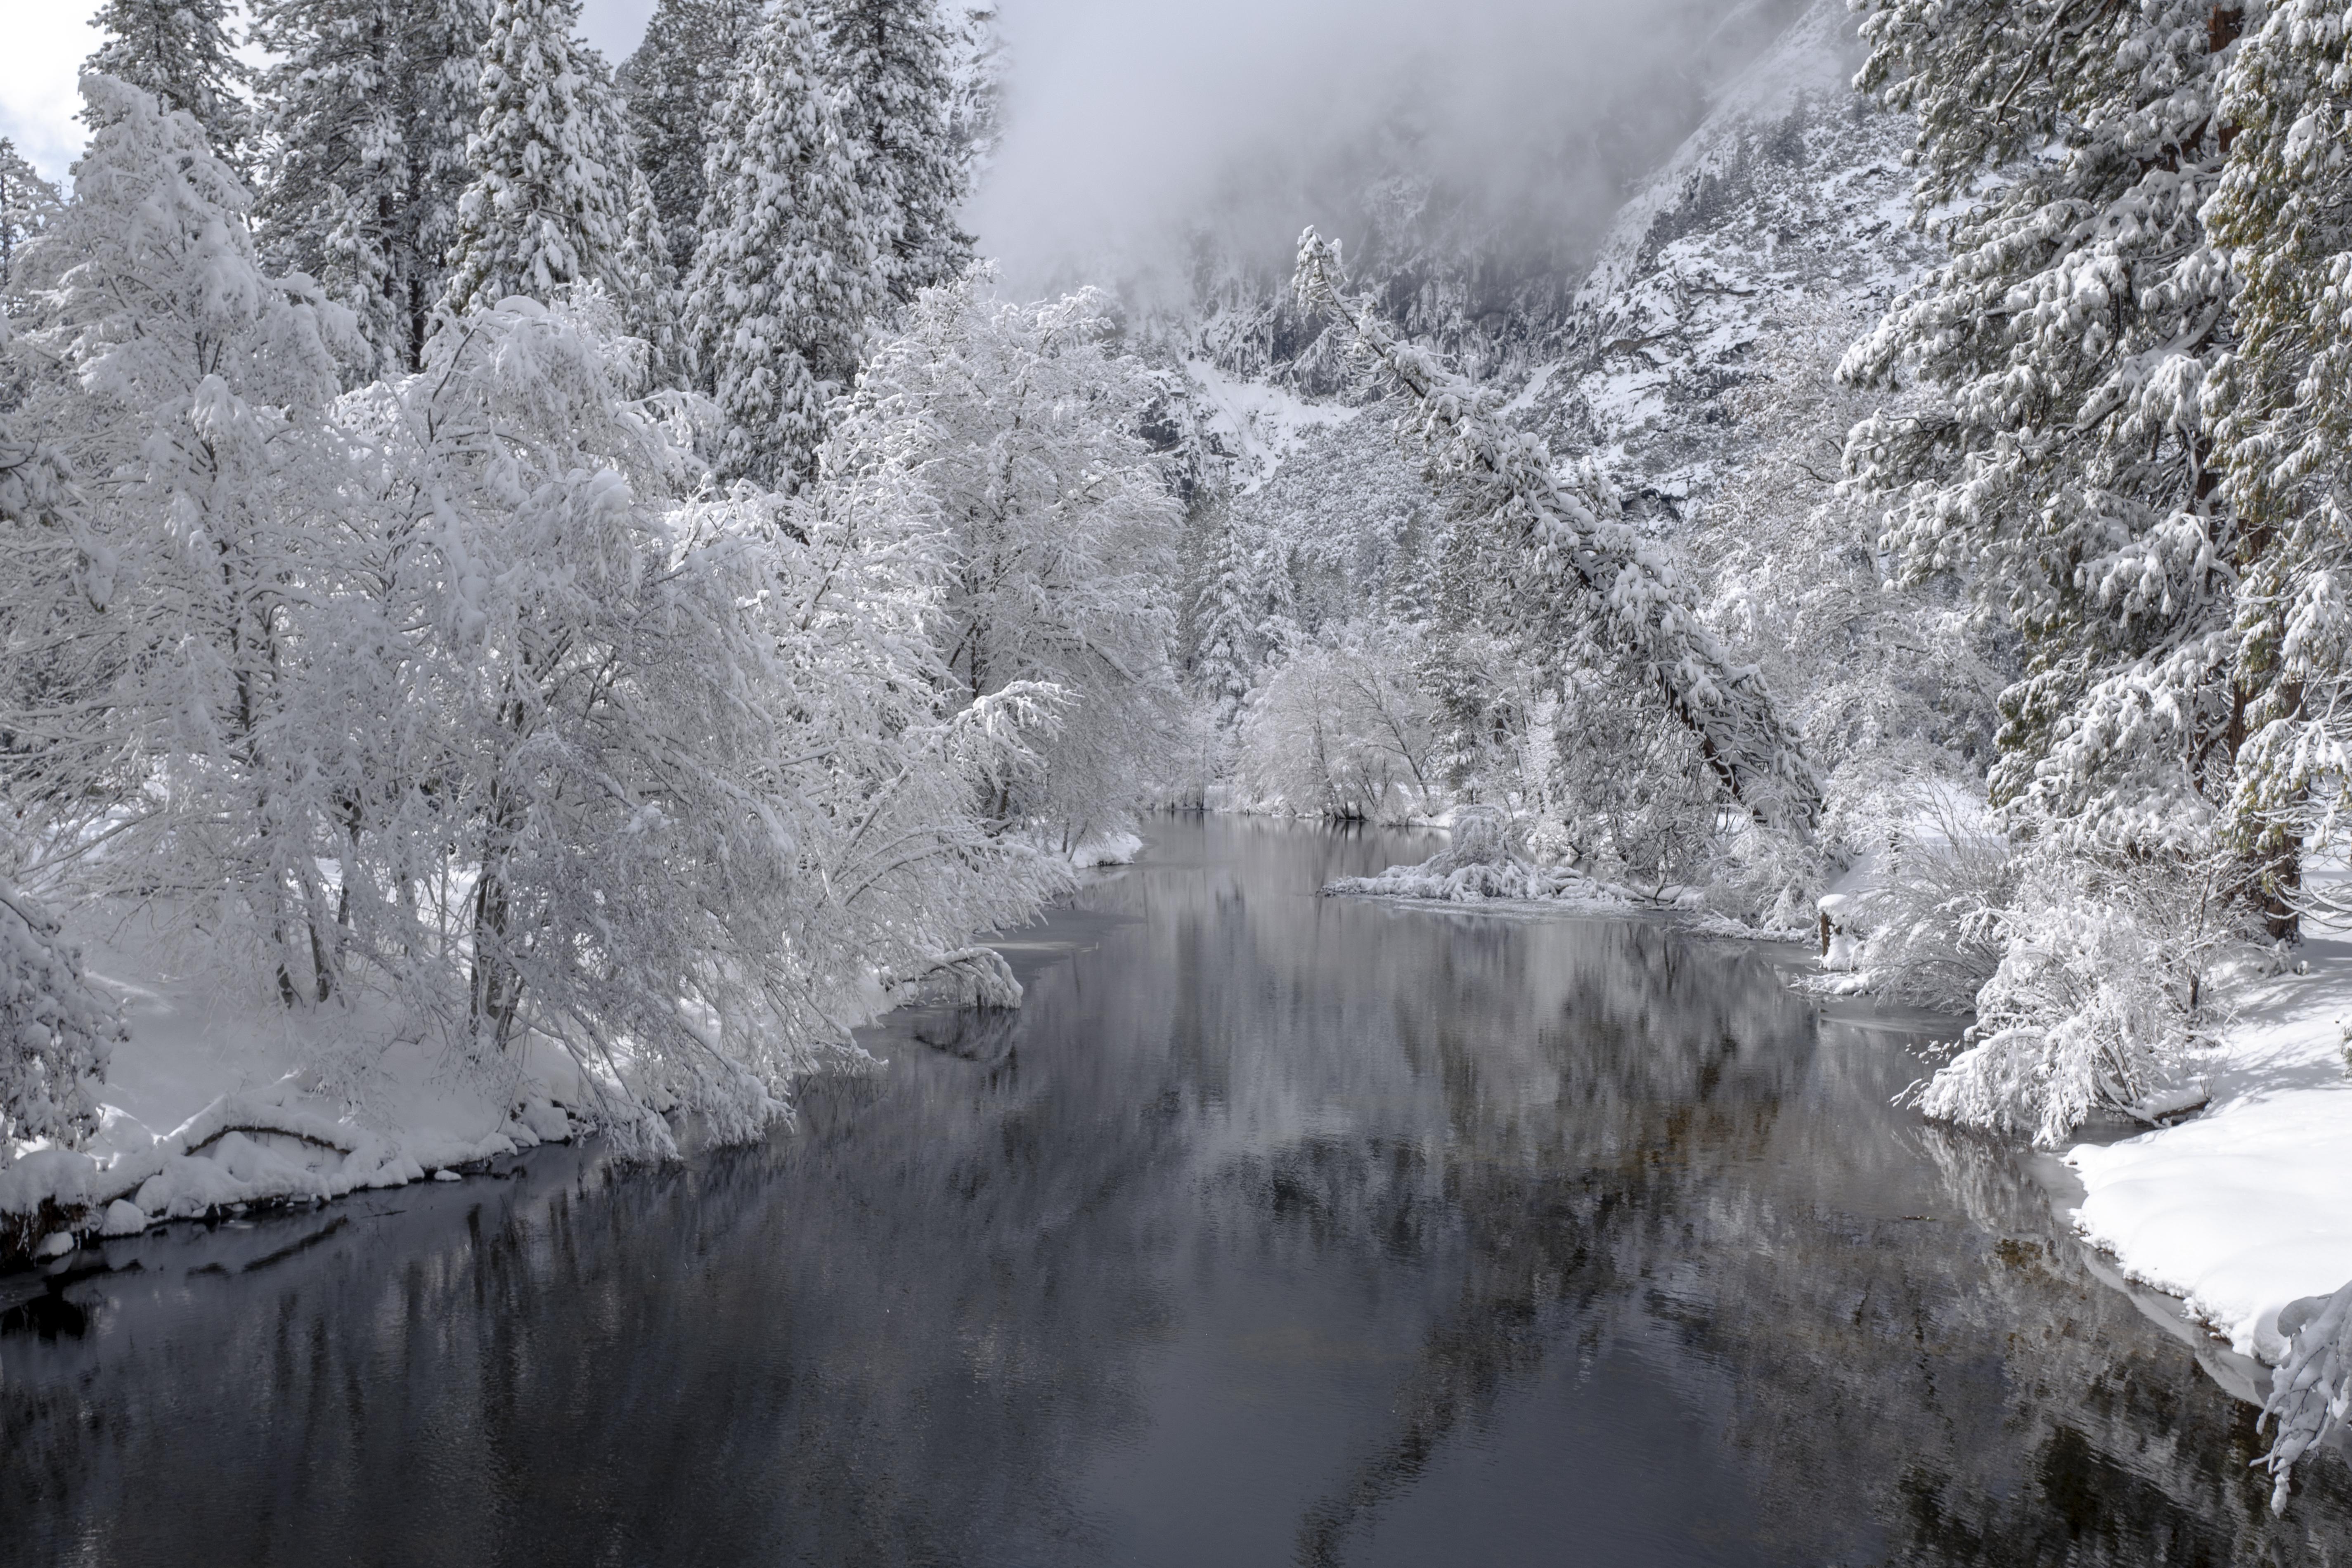 59626 Заставки и Обои Зима на телефон. Скачать Природа, Река, Деревья, Снег, Зима, Пейзаж картинки бесплатно